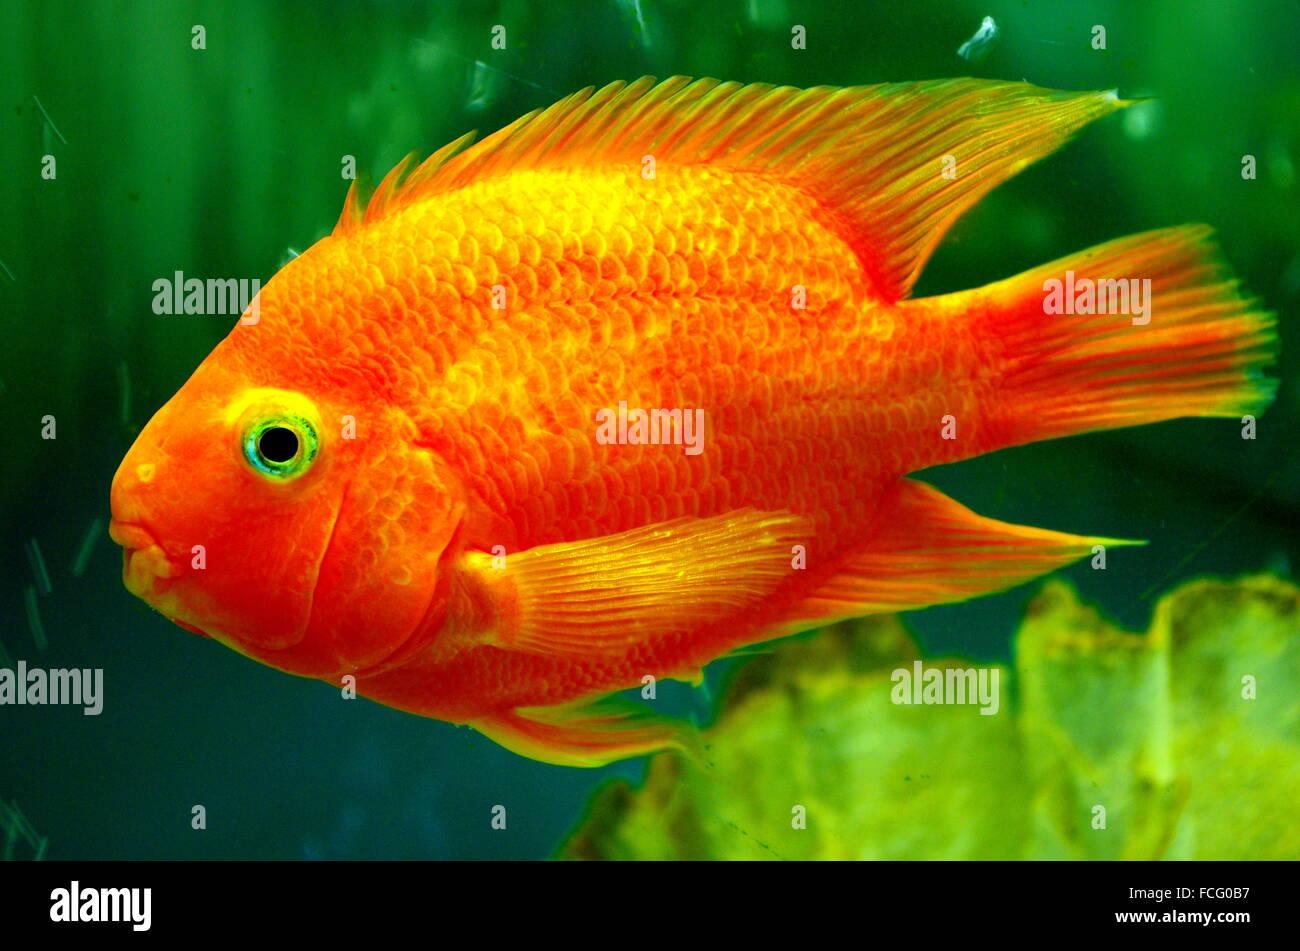 Parrot Fish Stock Photos & Parrot Fish Stock Images - Alamy